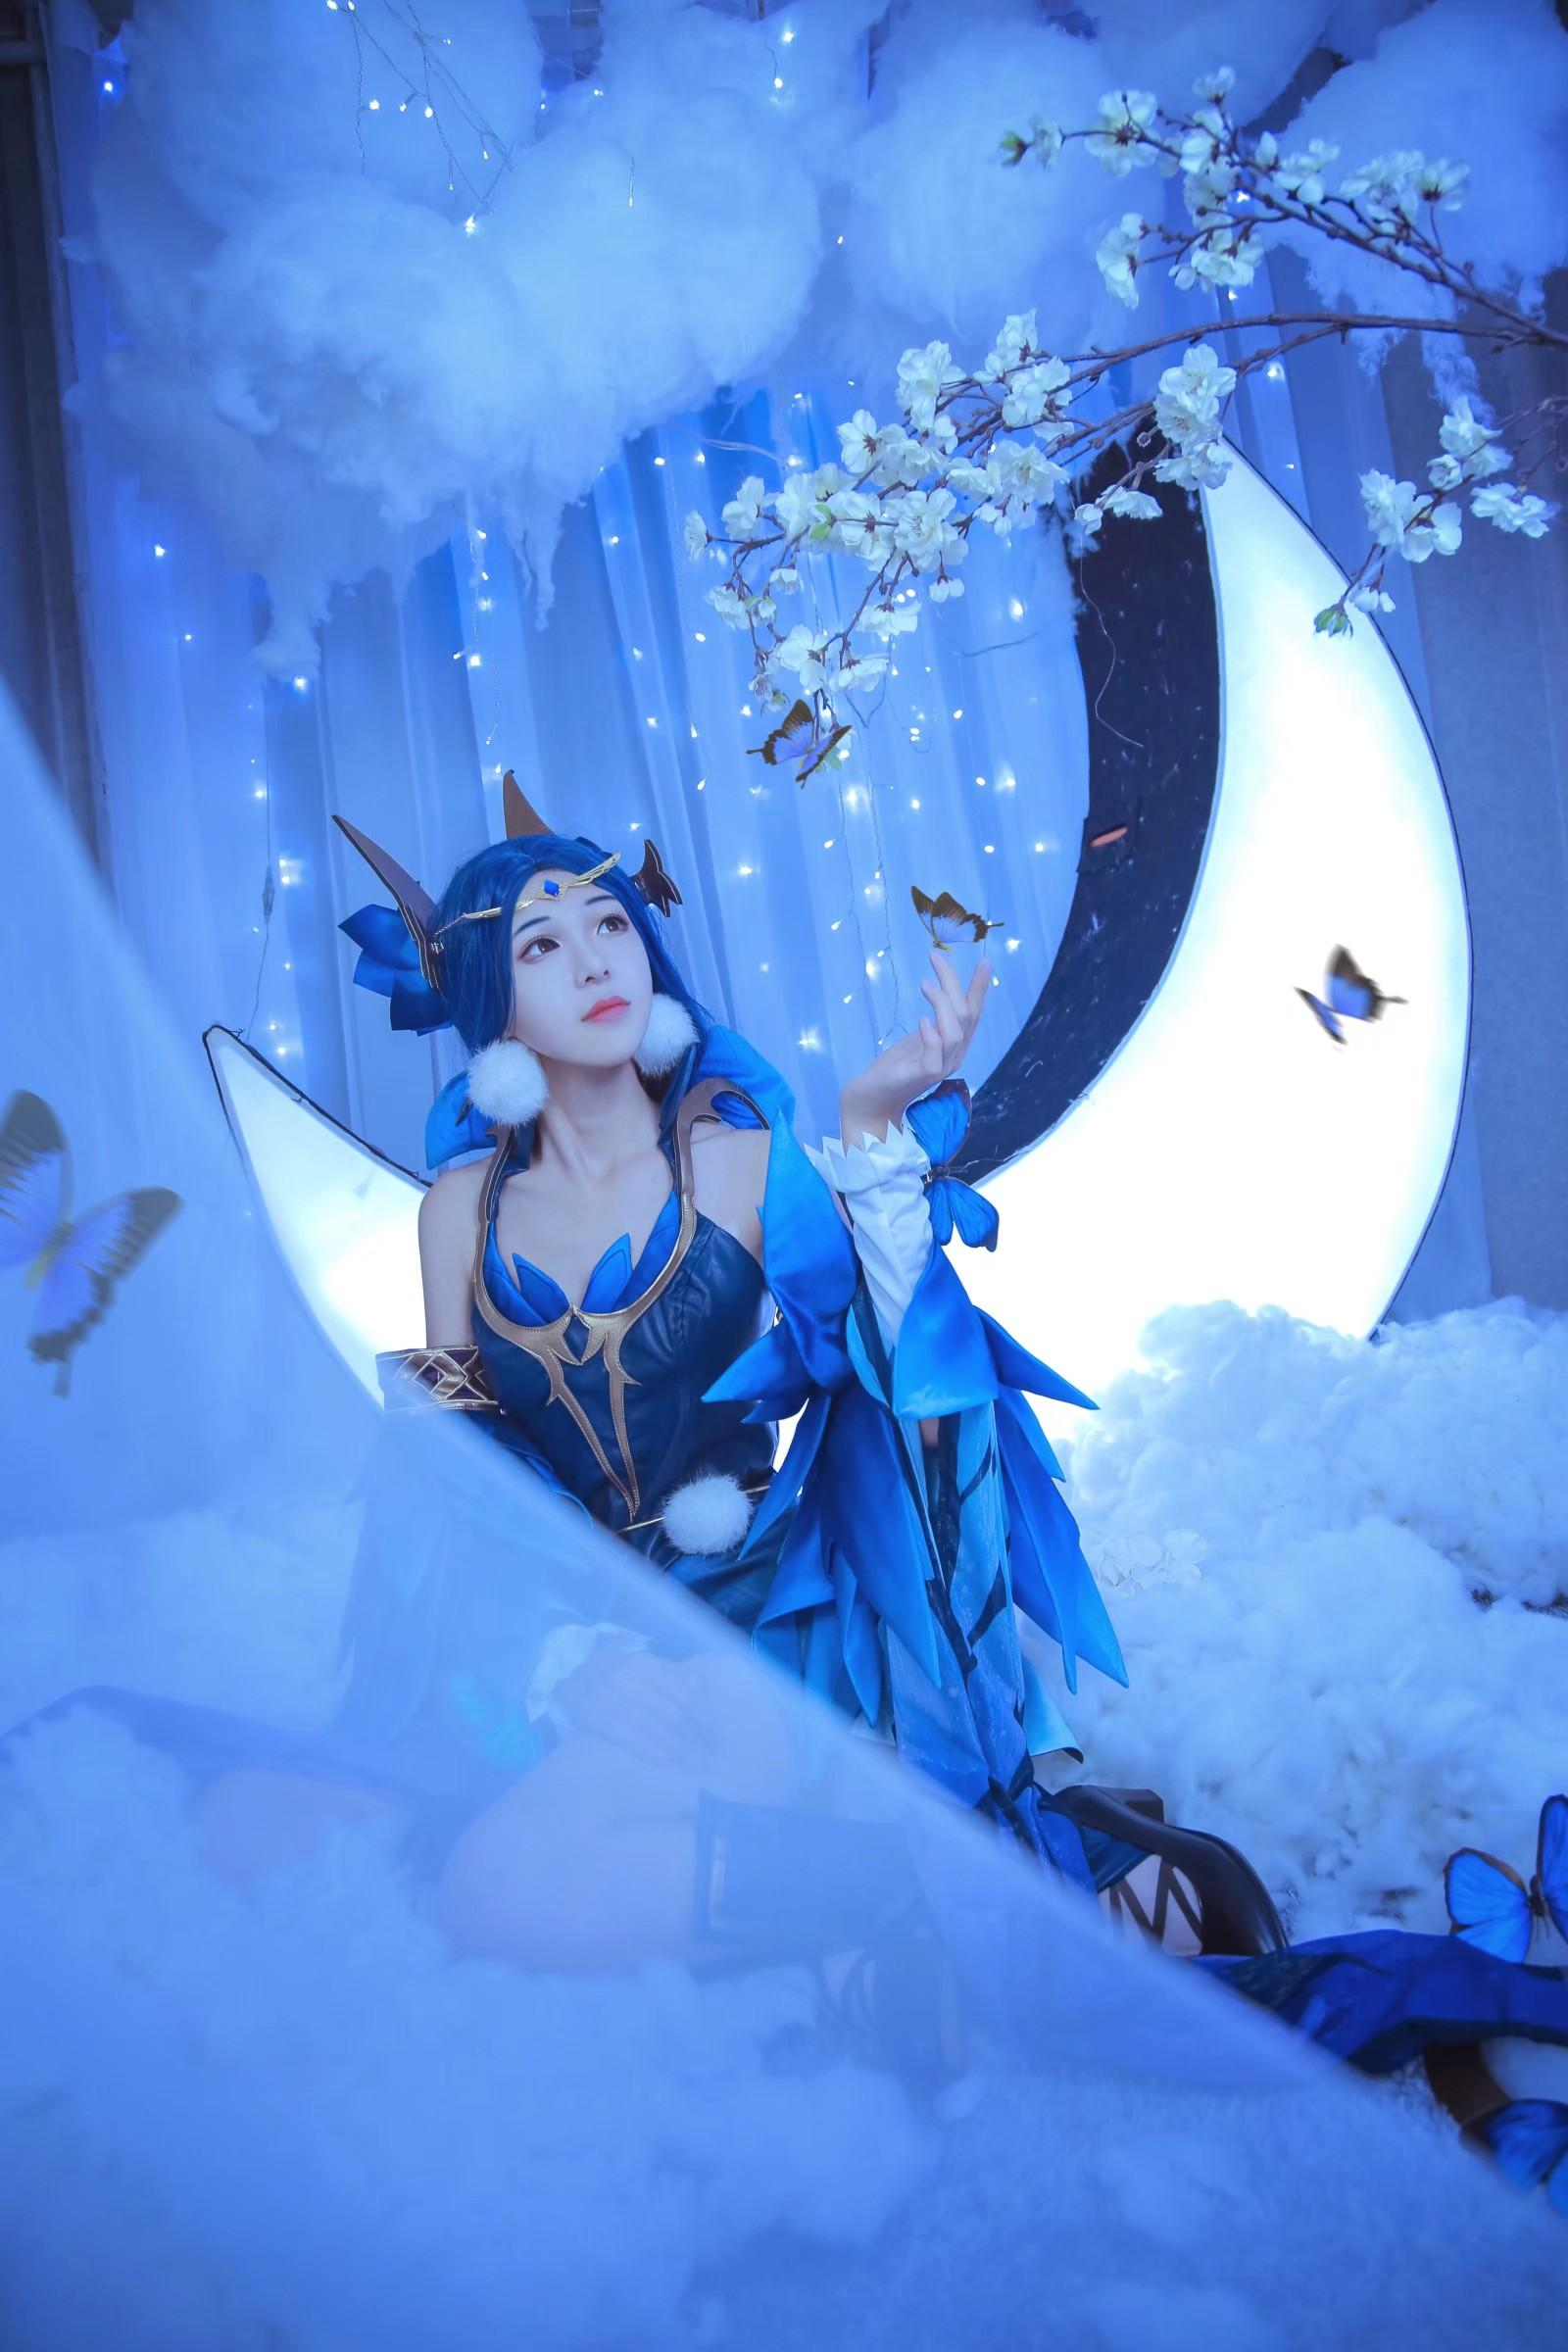 《王者荣耀》游戏cosplay【CN:-GRIS剑-】-第1张